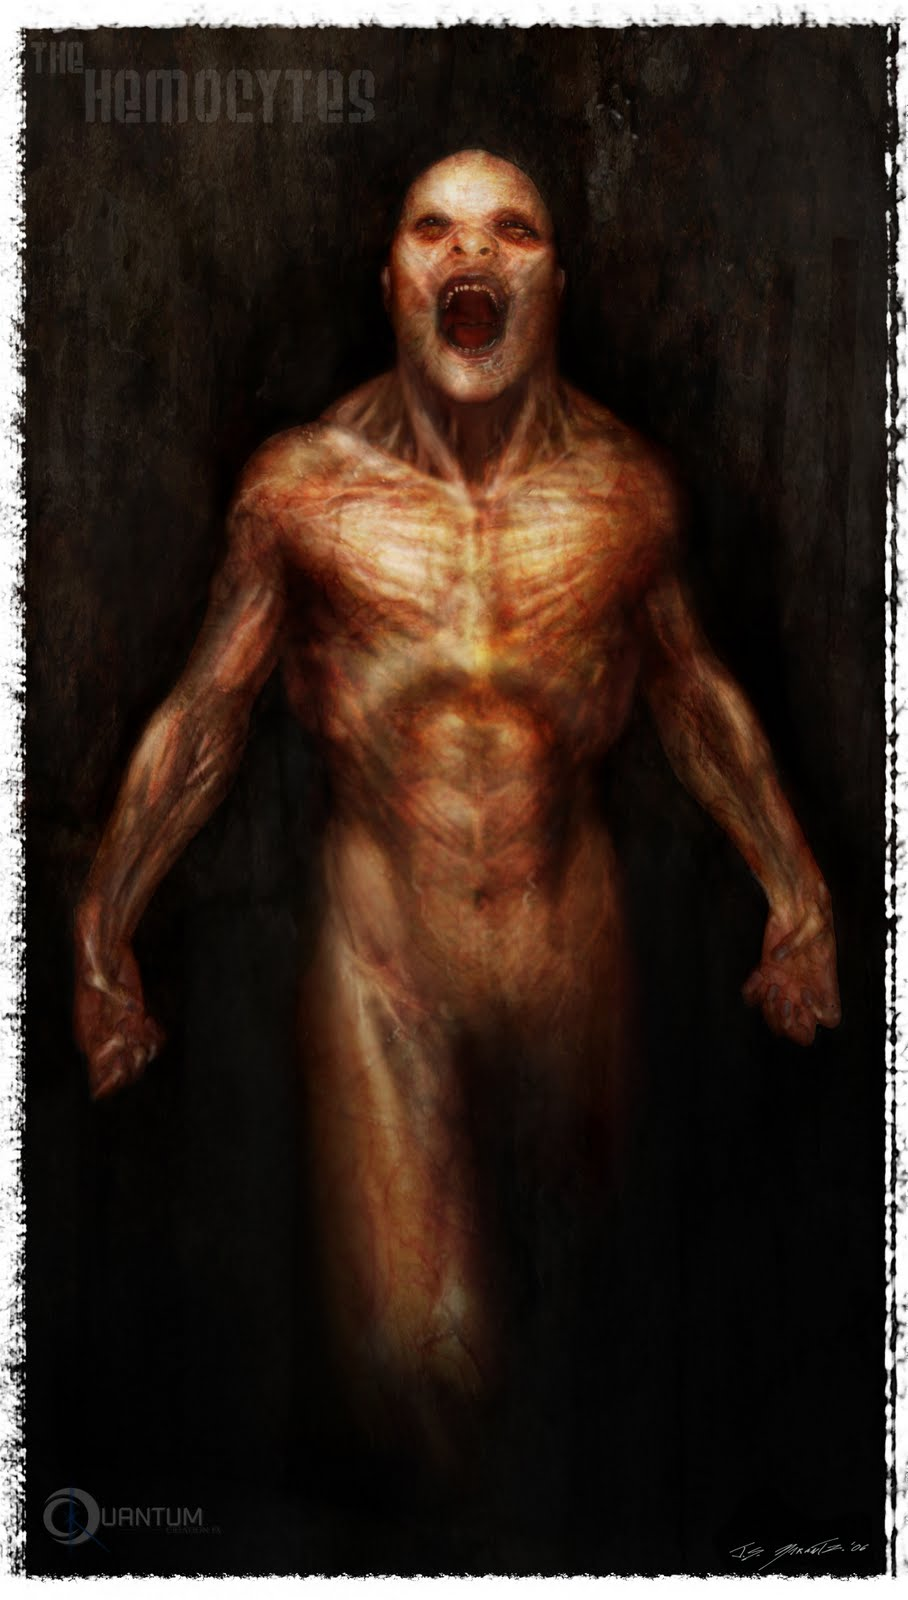 I Am Legend Infected Film Sketchr: I AM LEG...